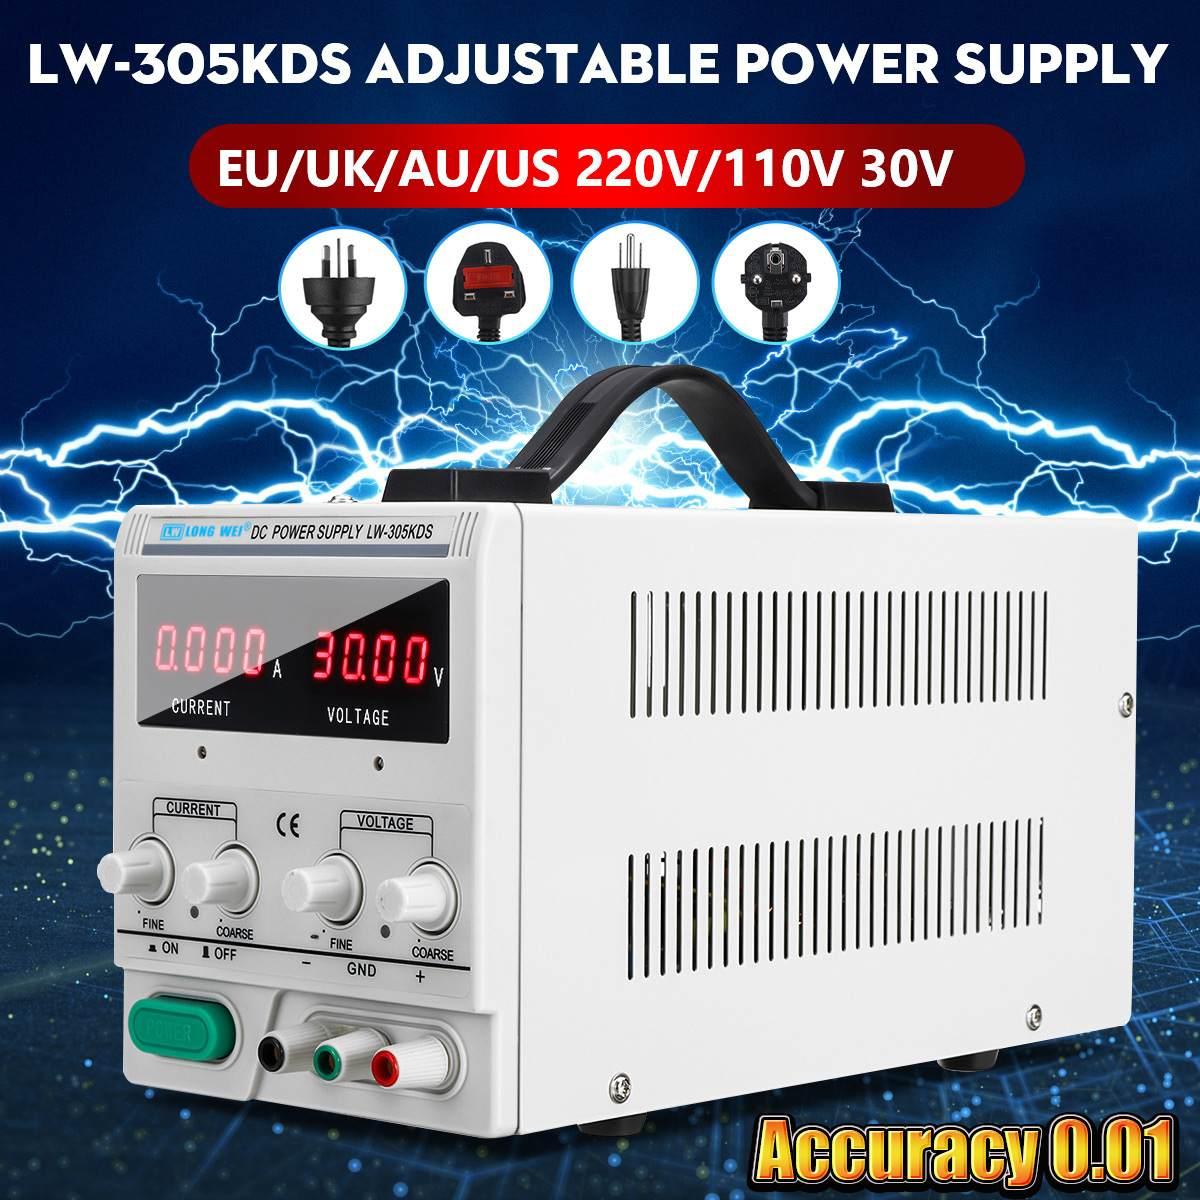 LONG WEI LW-305KDS 30V 5A 110/220V DC Power Supply Regulated Adjustable 0.01 Precision Variable Digital LabLONG WEI LW-305KDS 30V 5A 110/220V DC Power Supply Regulated Adjustable 0.01 Precision Variable Digital Lab